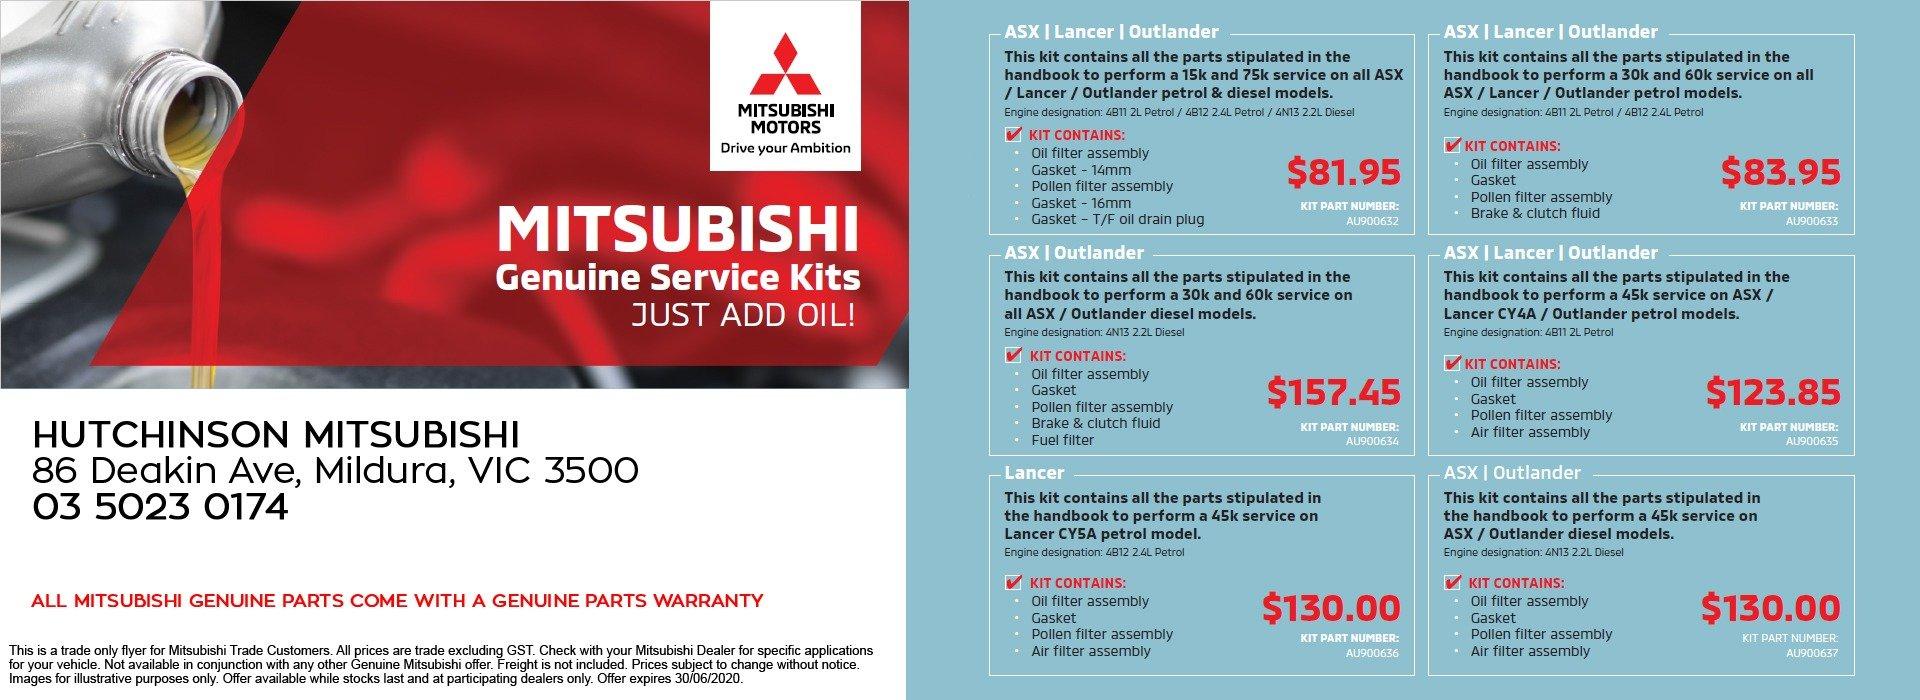 Mitsubishi Service Kits